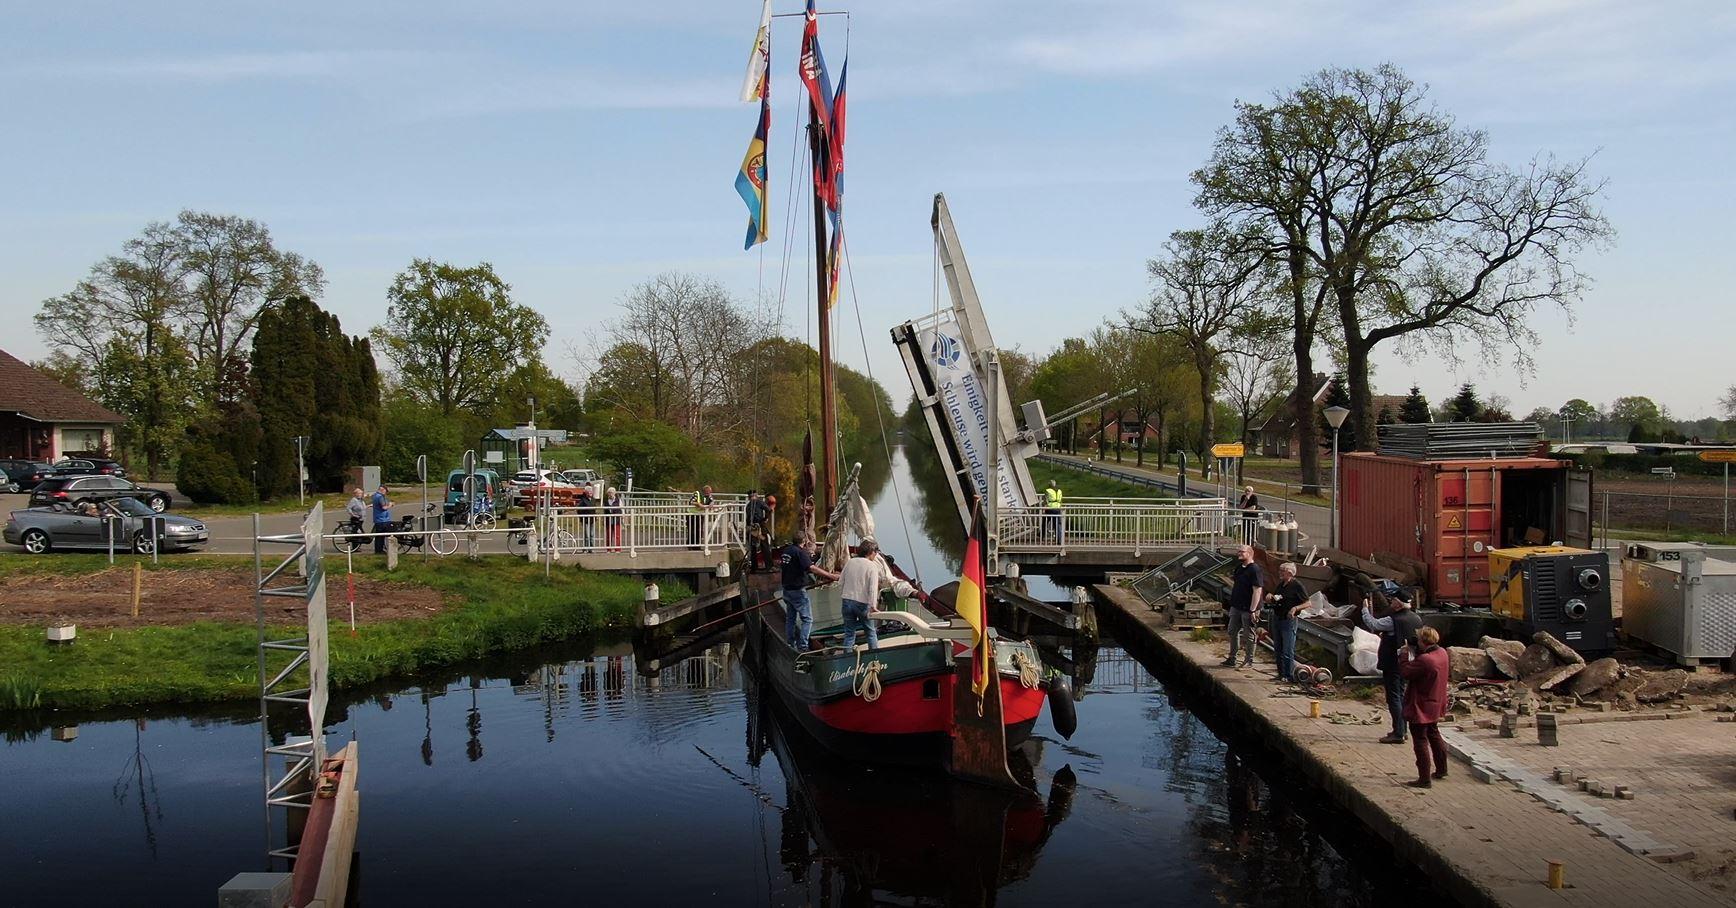 Die Jantina wird passiert nach der Schleuse auch die Brücke in Osterhausen. Bildquelle: Robin Jacobs